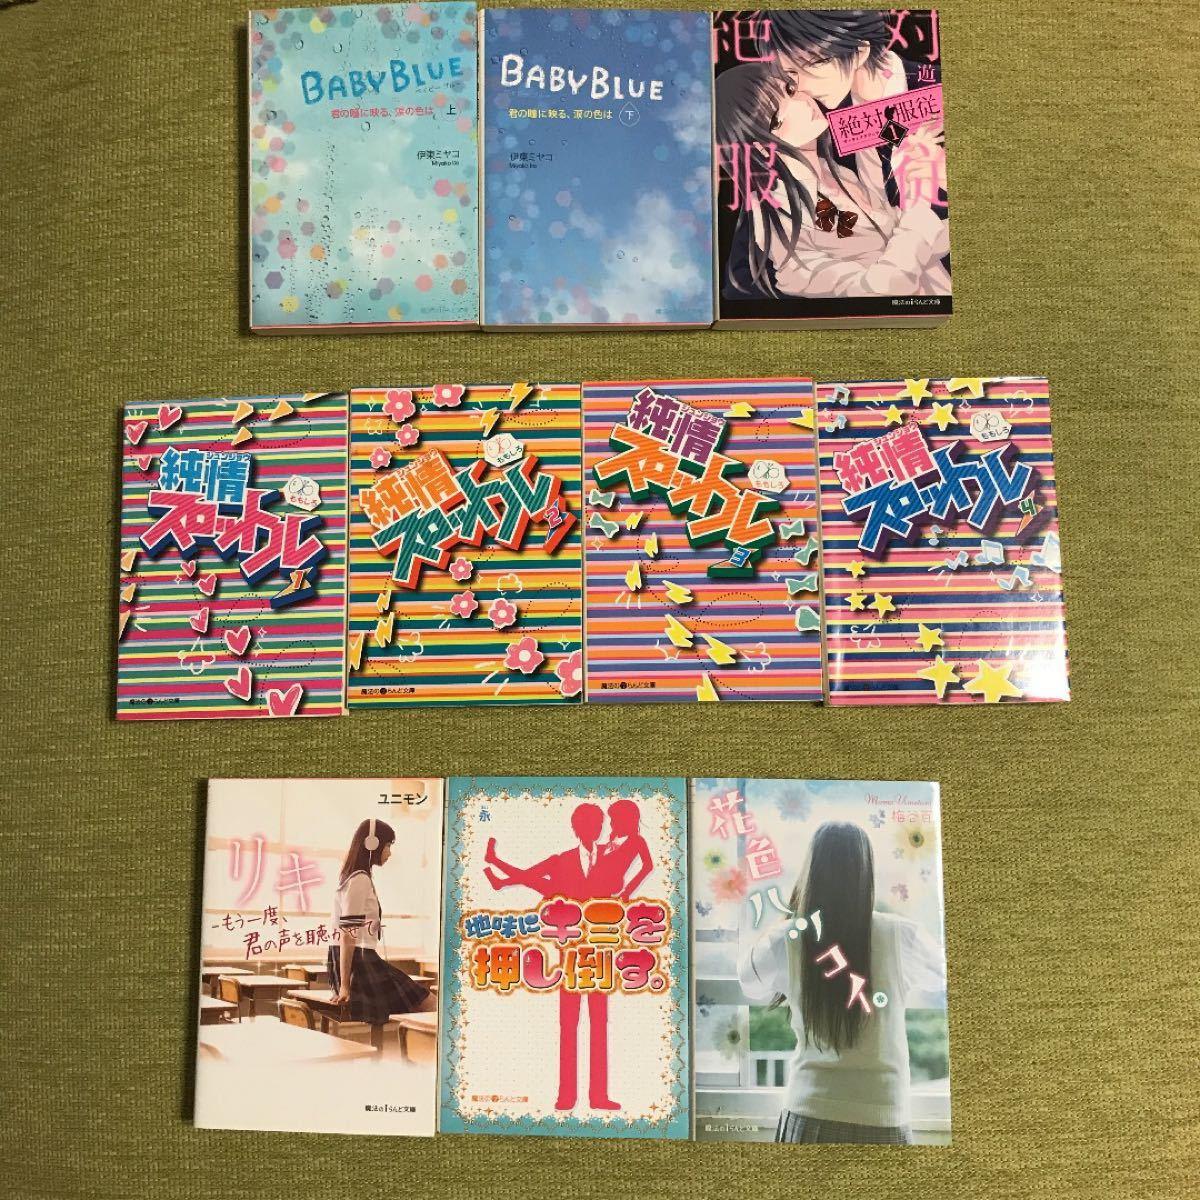 ケータイ小説 魔法のiらんど 単行本 65冊 まとめ売り バラ売り 携帯小説